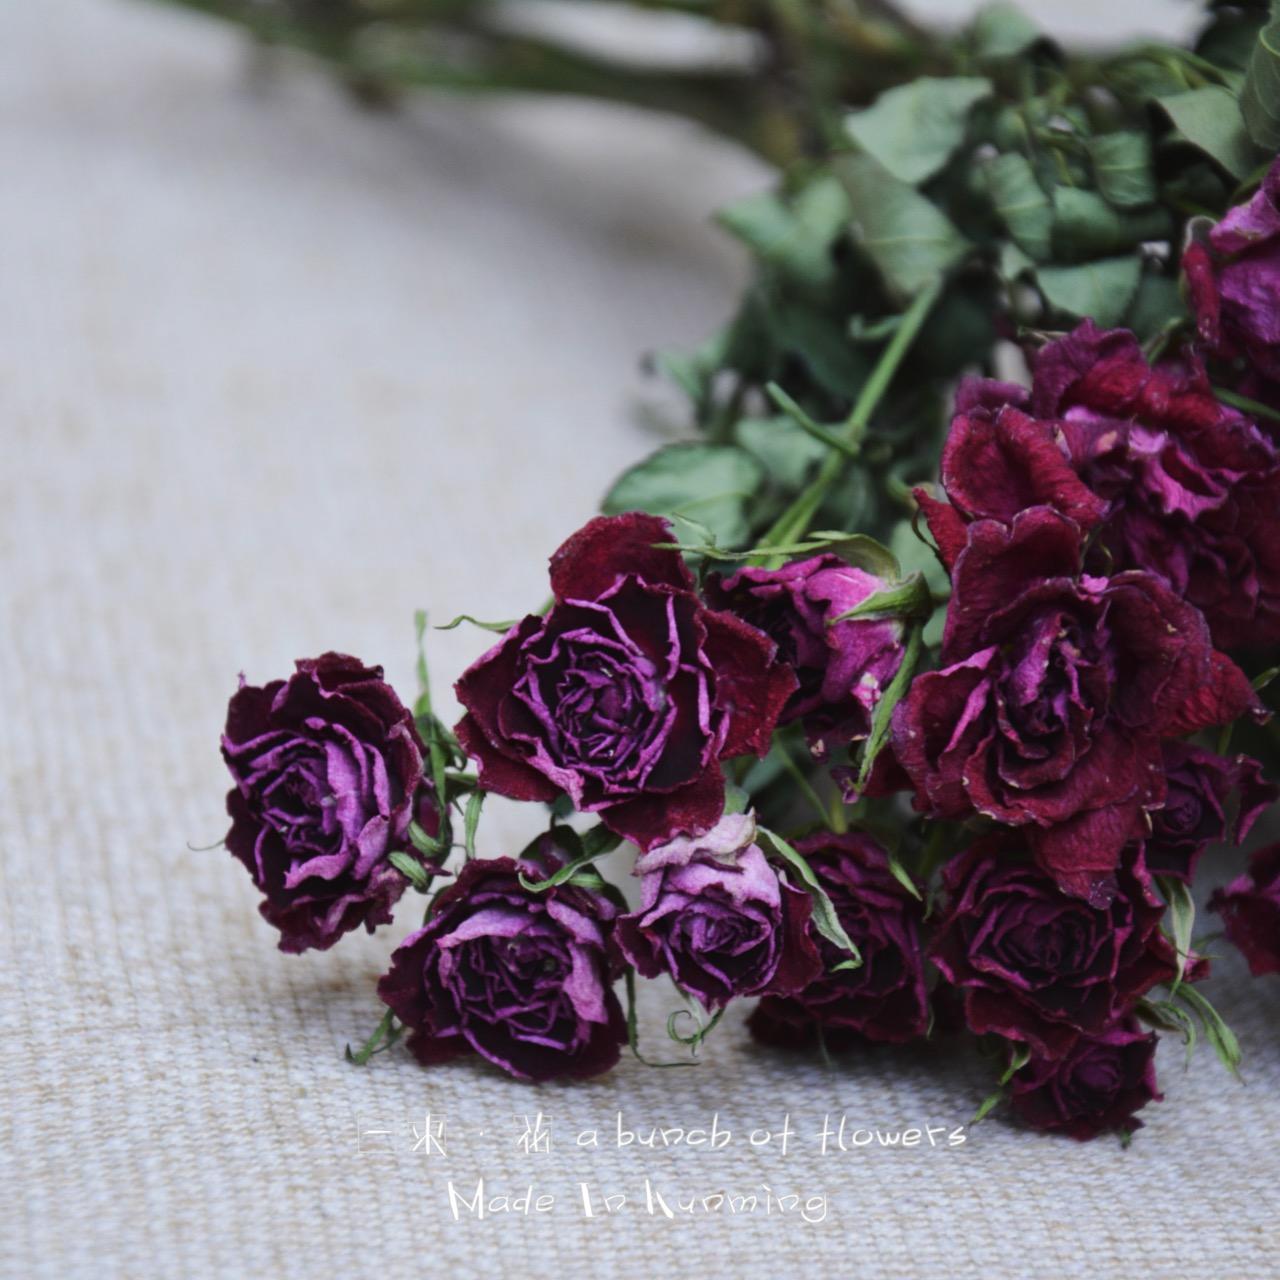 Волна матч нигерия иеорглиф ля женских имён бык красная роза сухие цветы большой палец руки роуз мини сухие цветы серьги ювелирные изделия использование лесоматериалы немного пакет